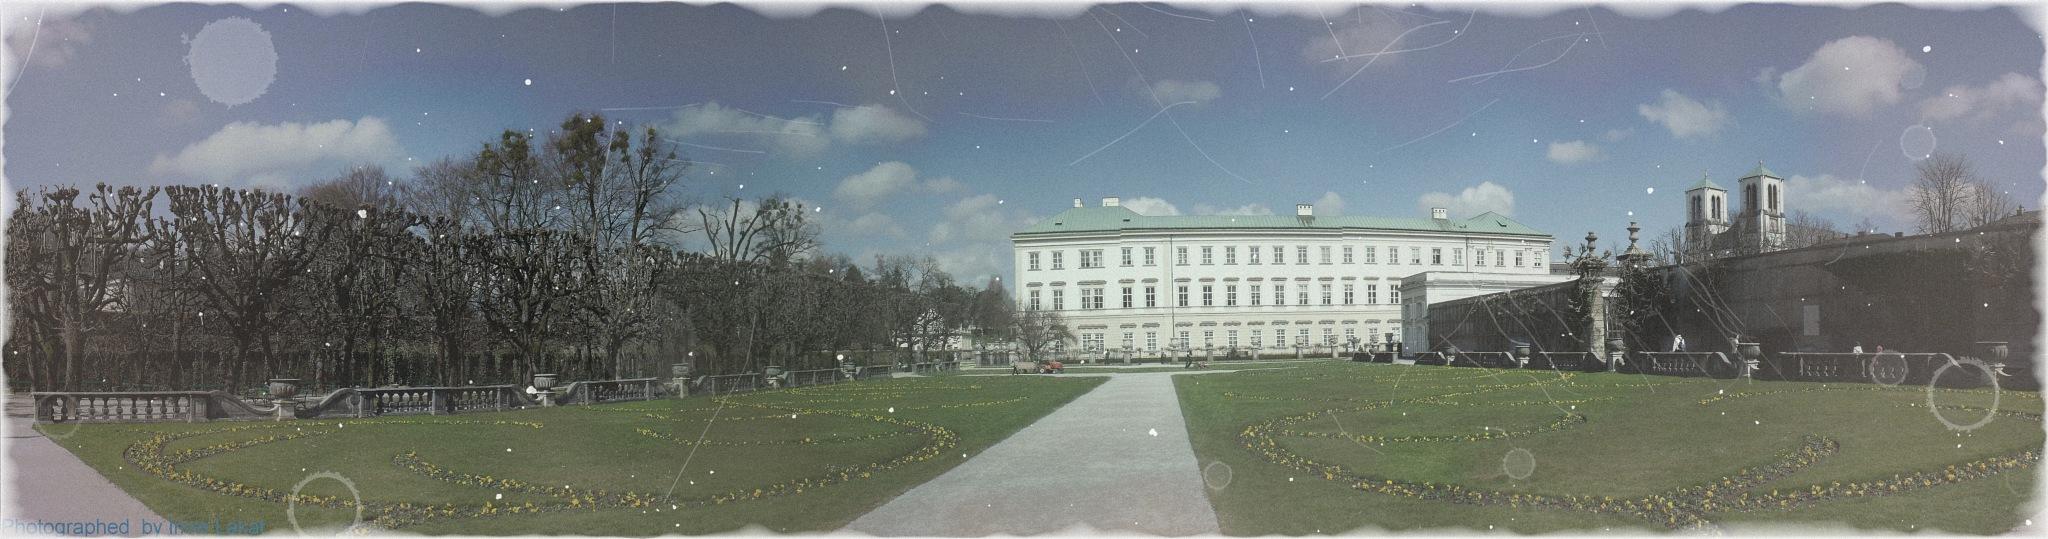 Mirabell Palace by Imre Lakat